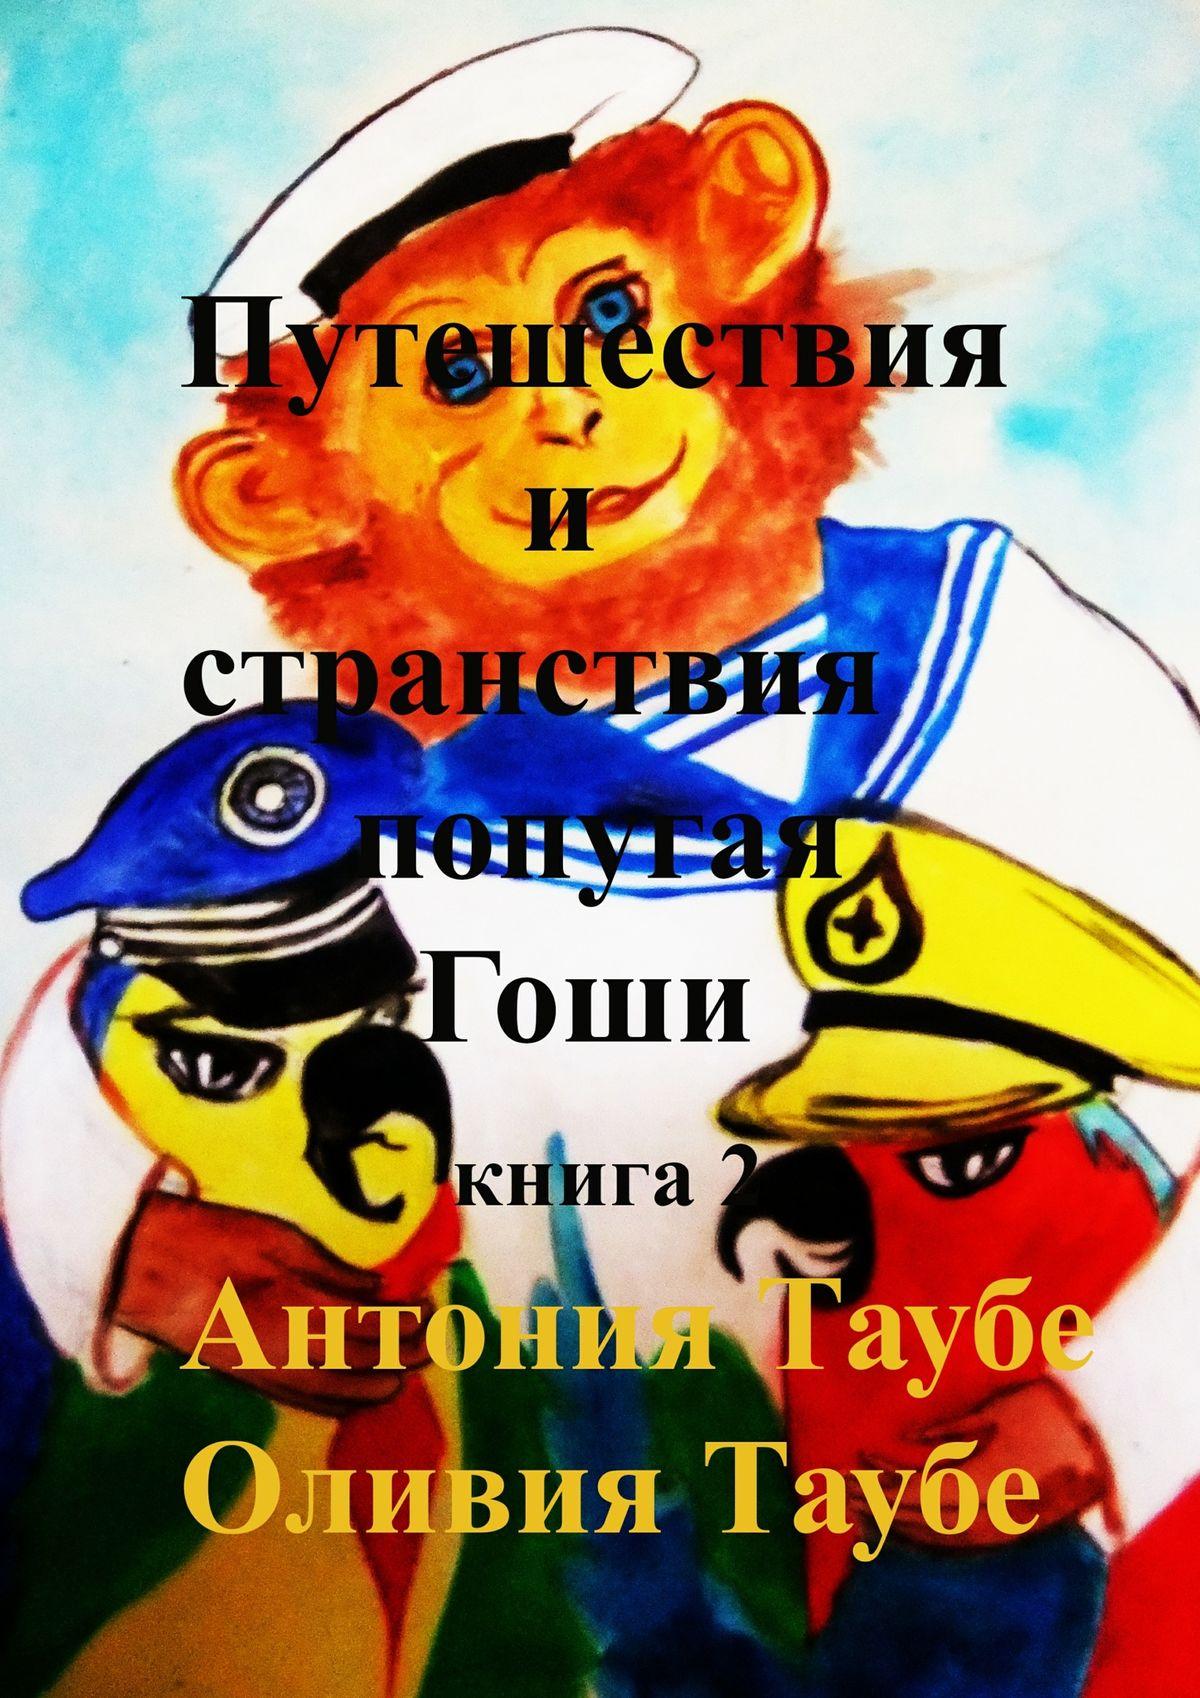 Антония Таубе Путешествия истранствия попугаяГоши. Книга 2 антония таубе убить археолога